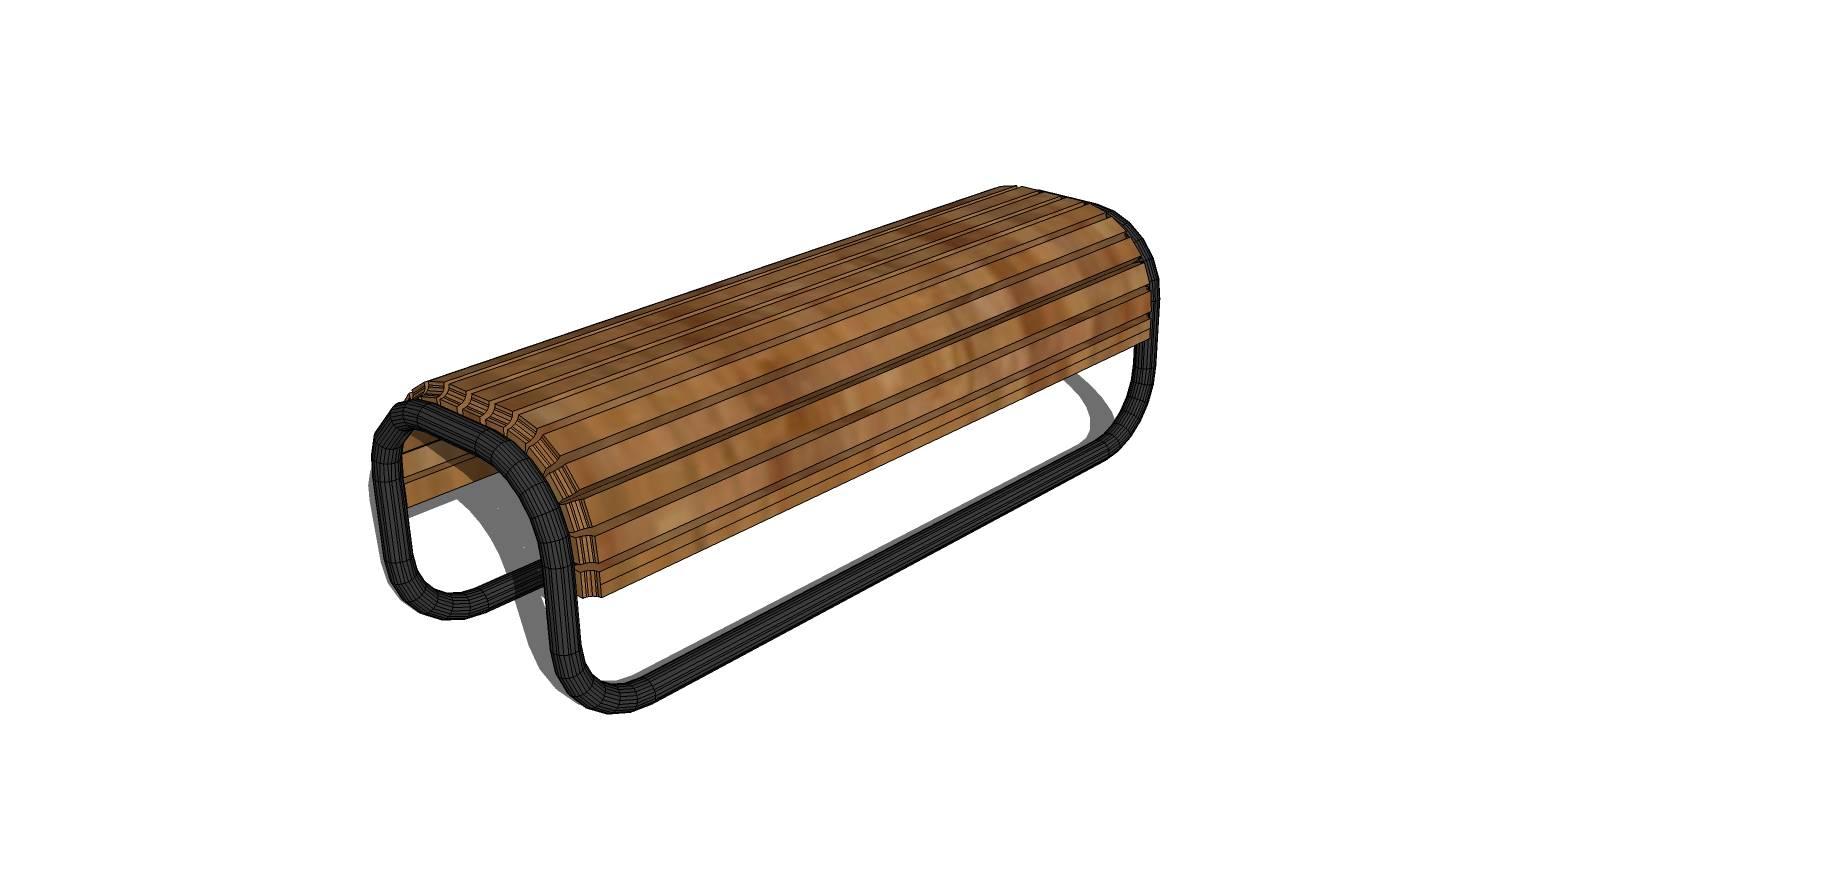 木质弧形长凳SU模型